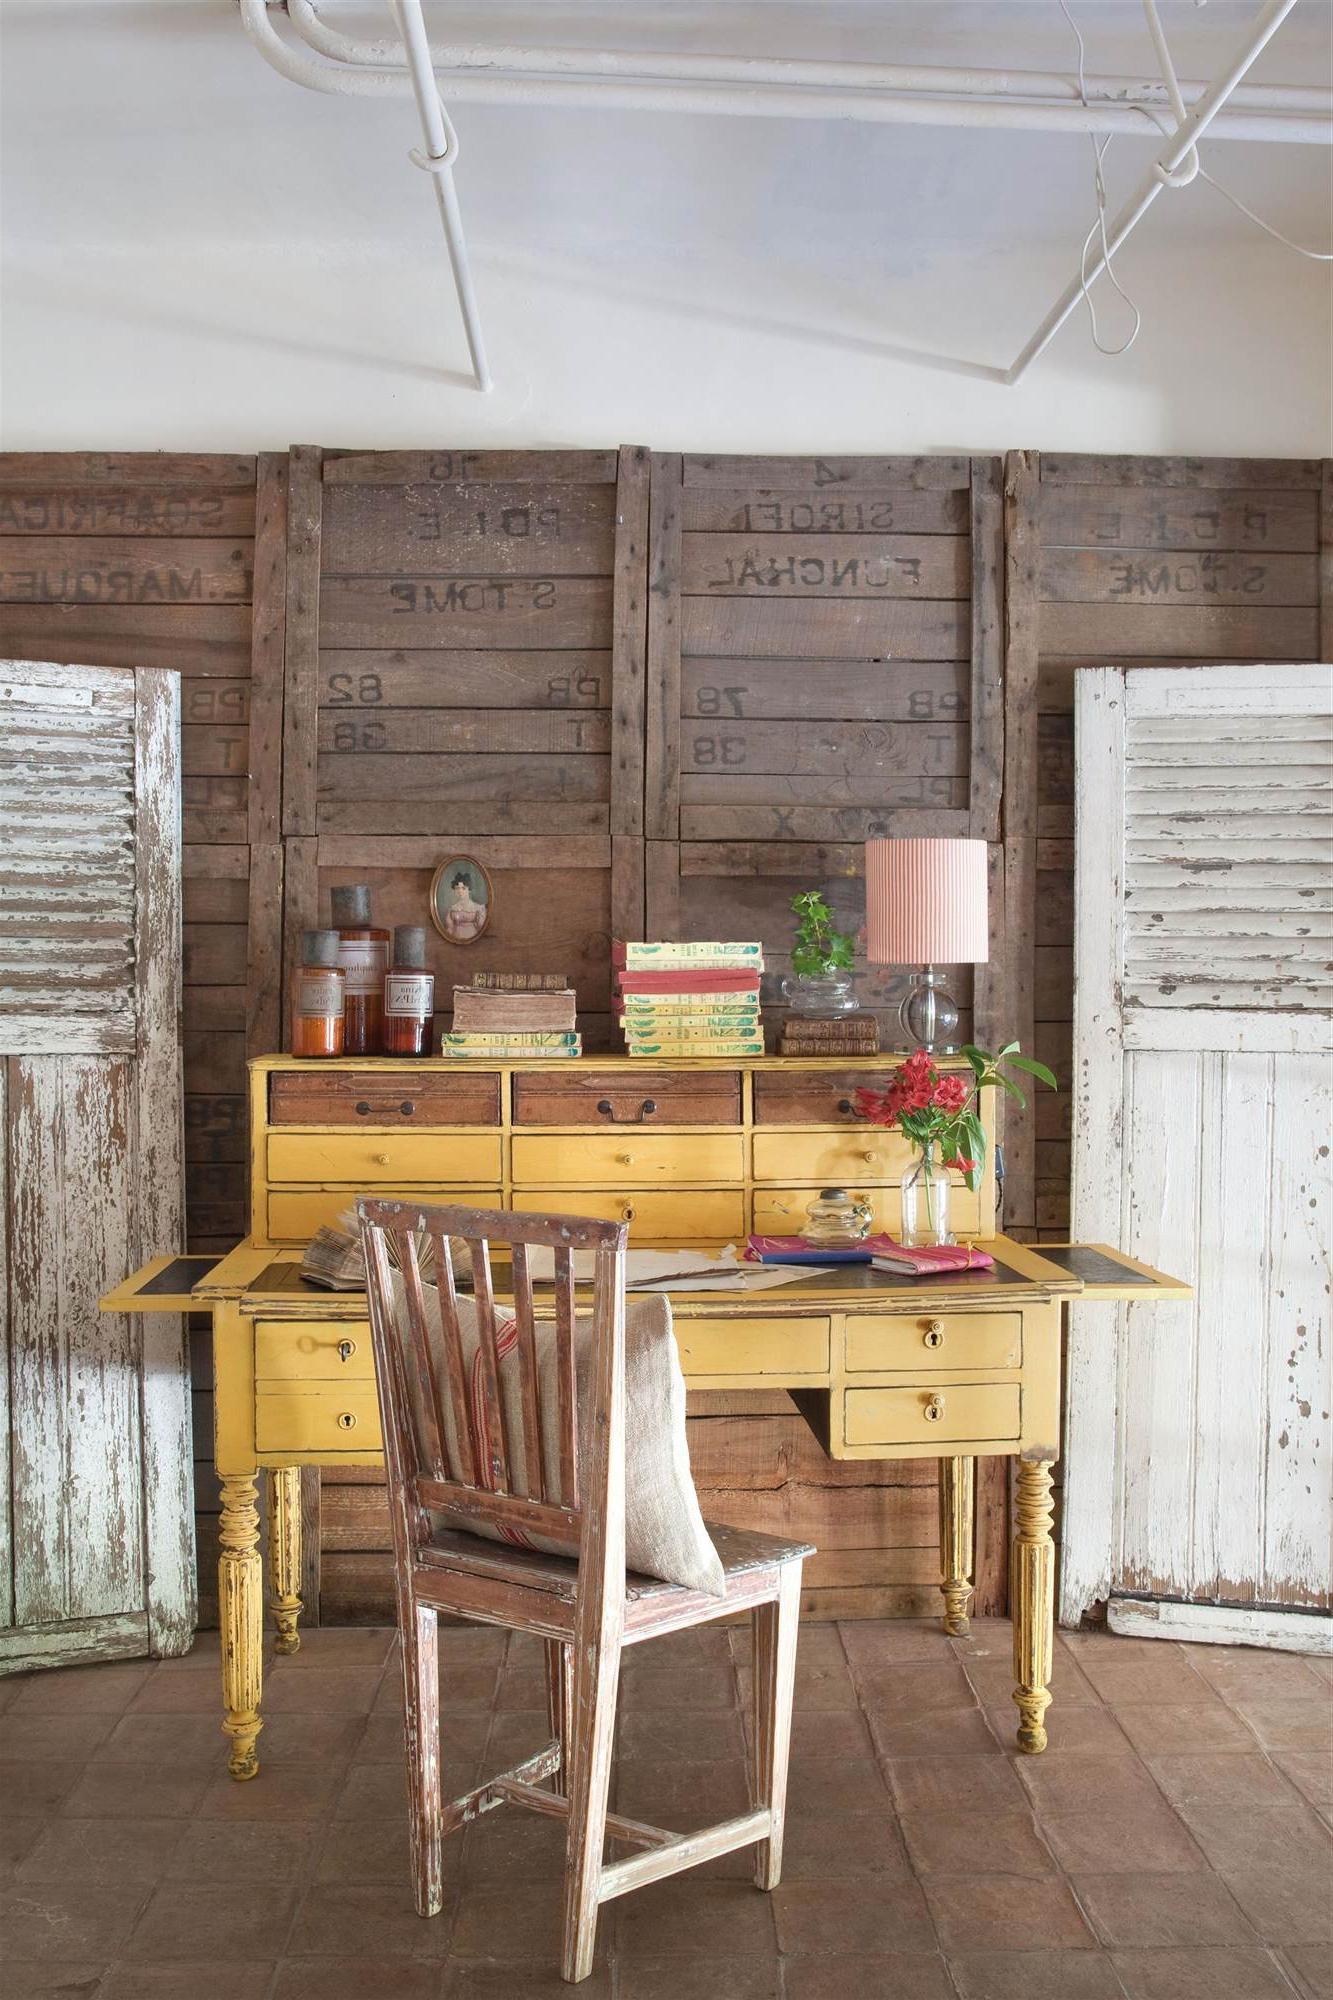 Combinar Muebles De Distintas Maderas U3dh Muebles En Pareja Con Quà Color Bina Mejor La Madera